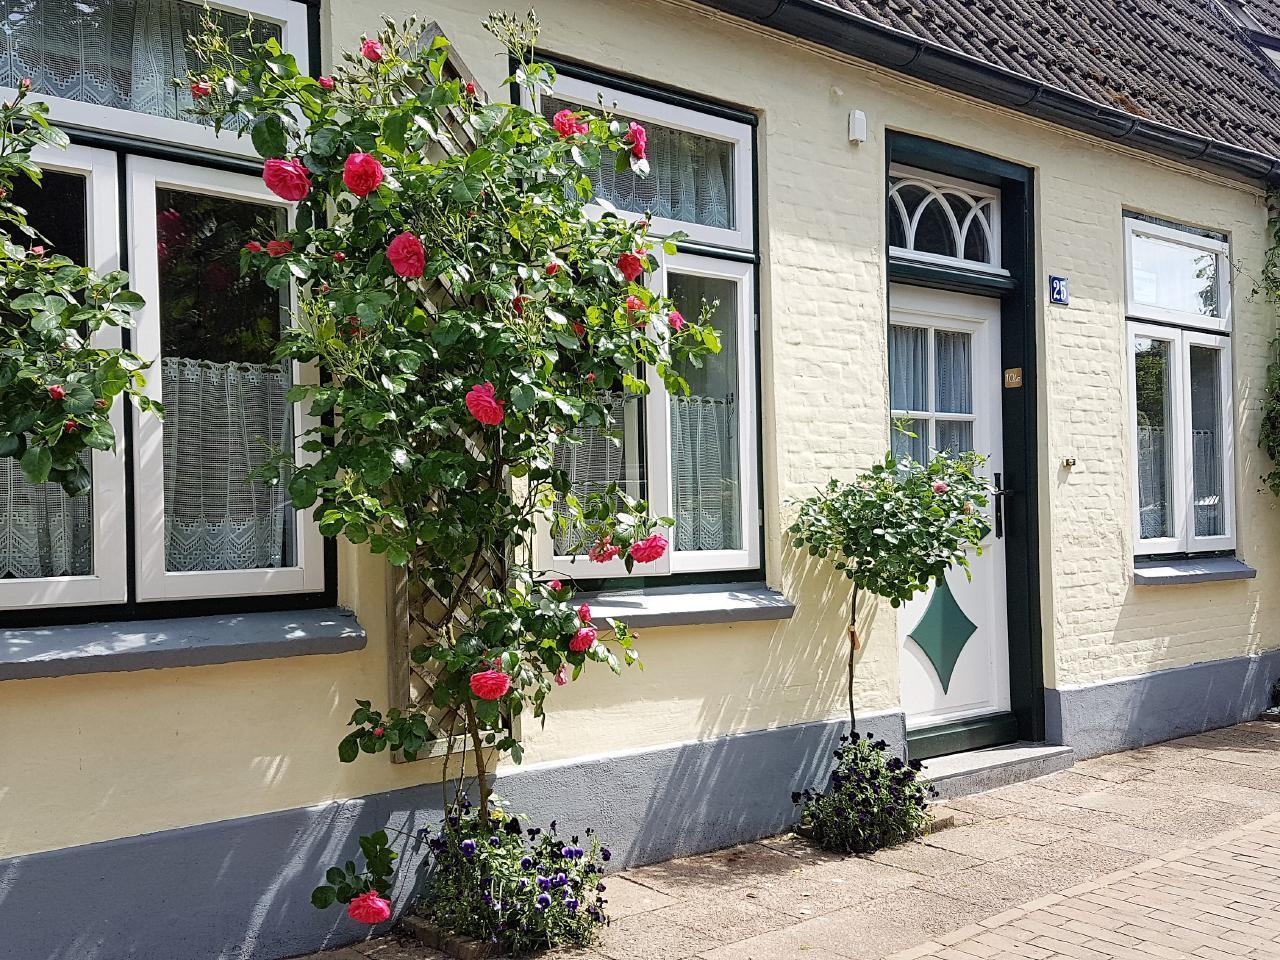 Ferienhaus 1. Quartier (129998), Friedrichstadt, Nordfriesland, Schleswig-Holstein, Deutschland, Bild 2